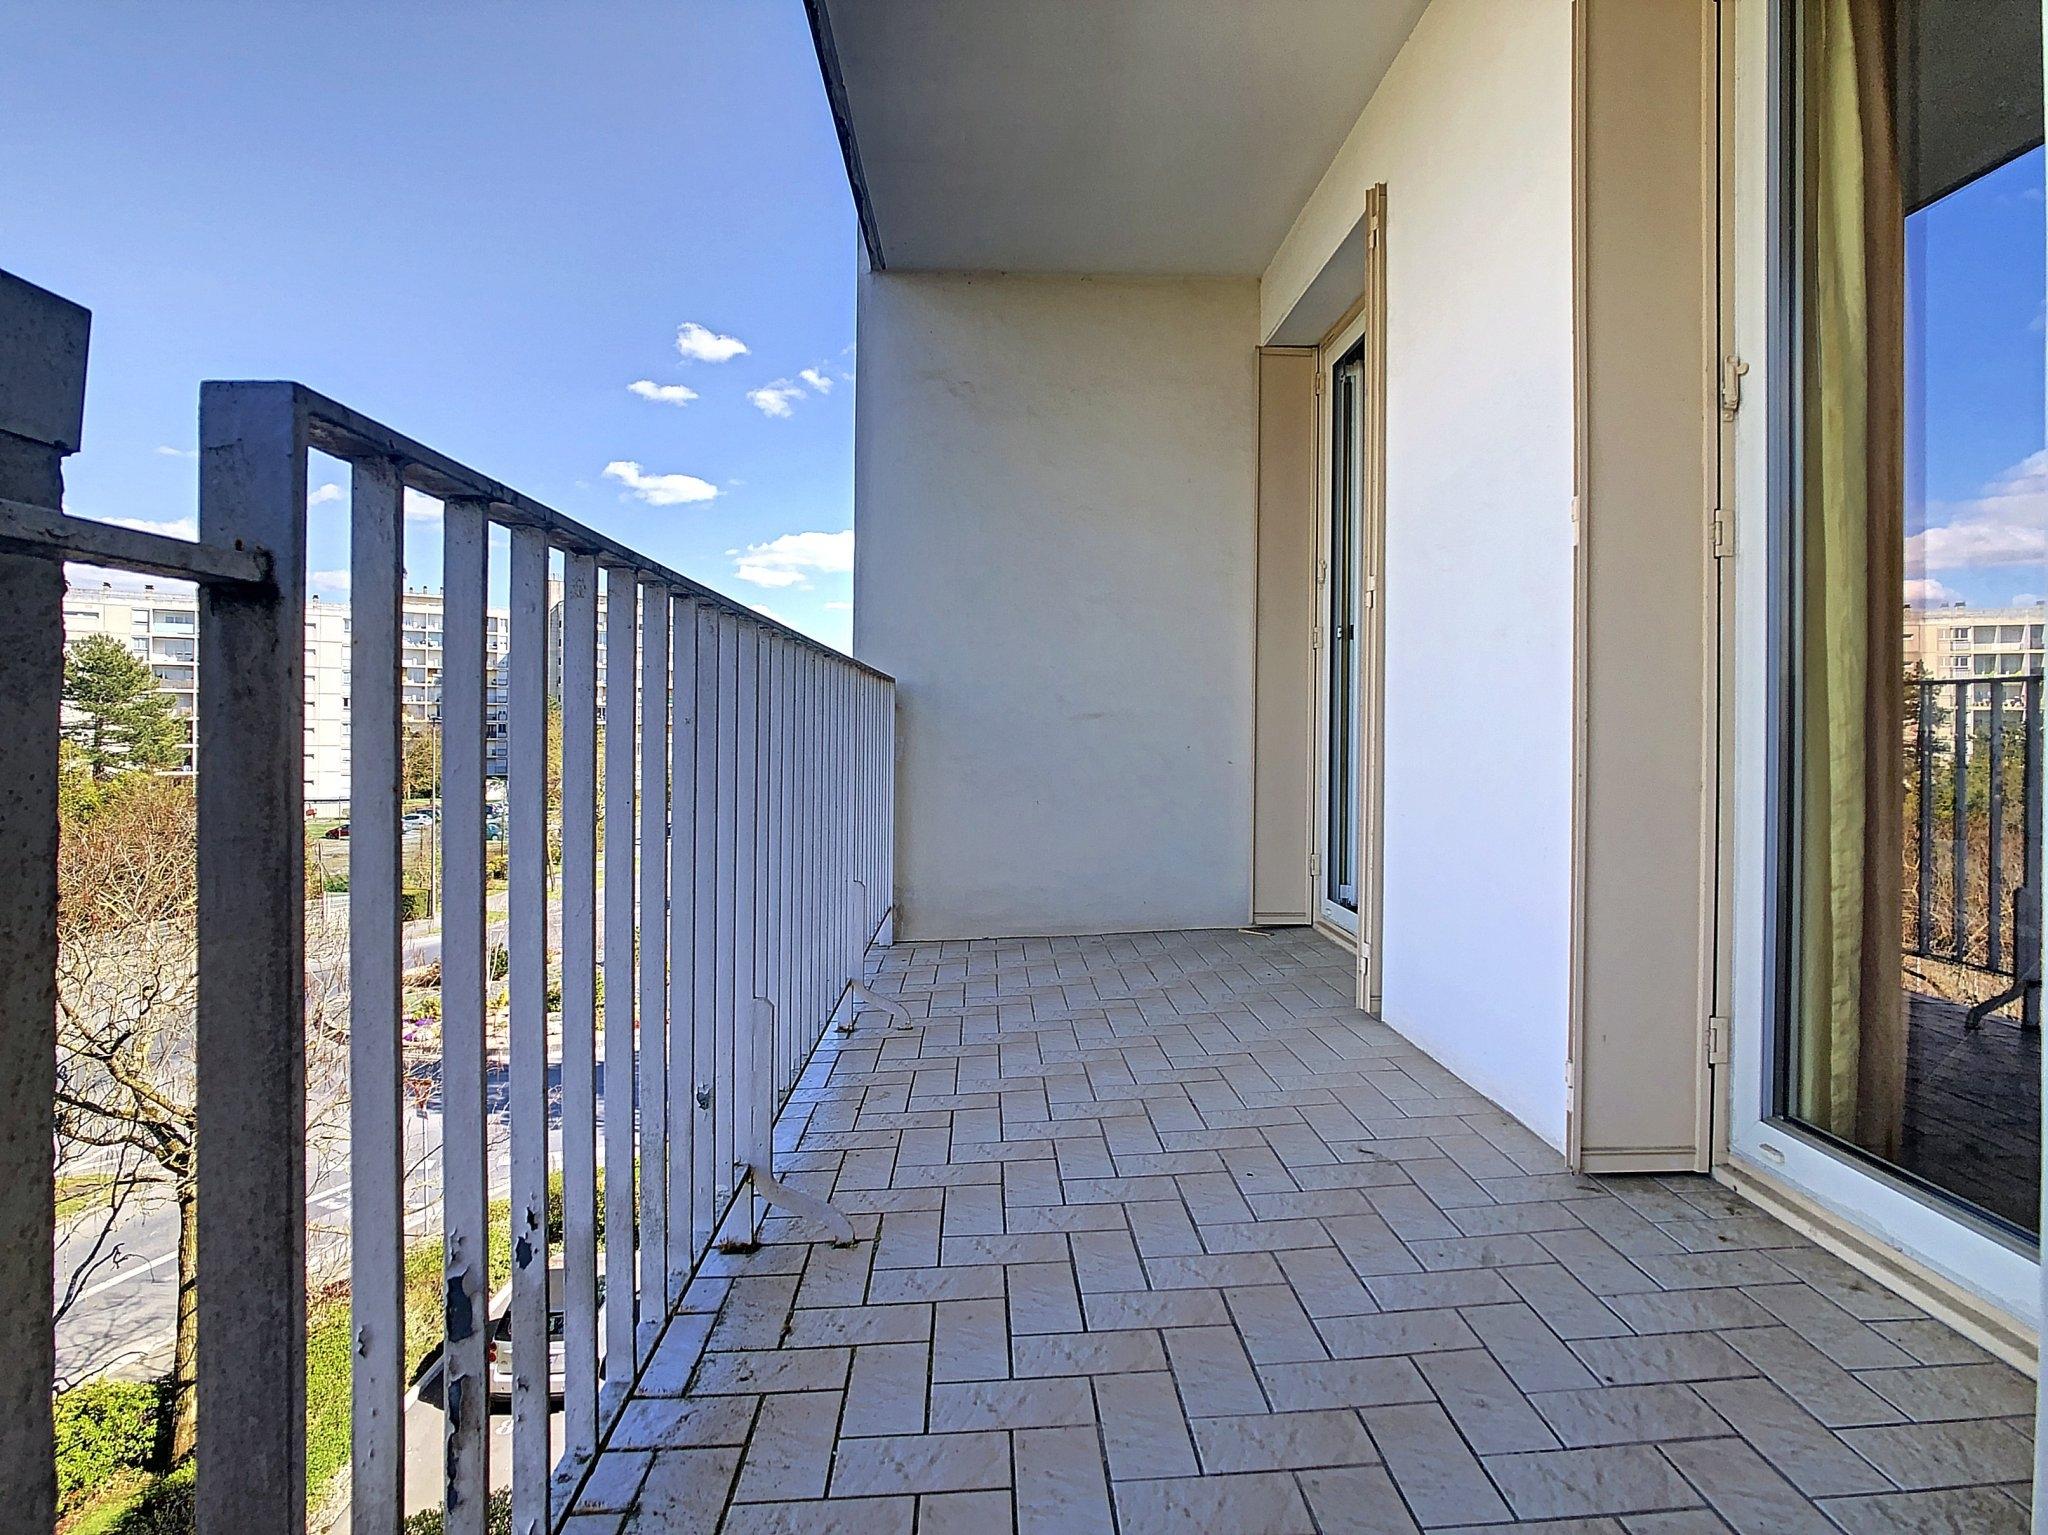 Appartement Reims 4 Pièces 91.56 m2 - 4